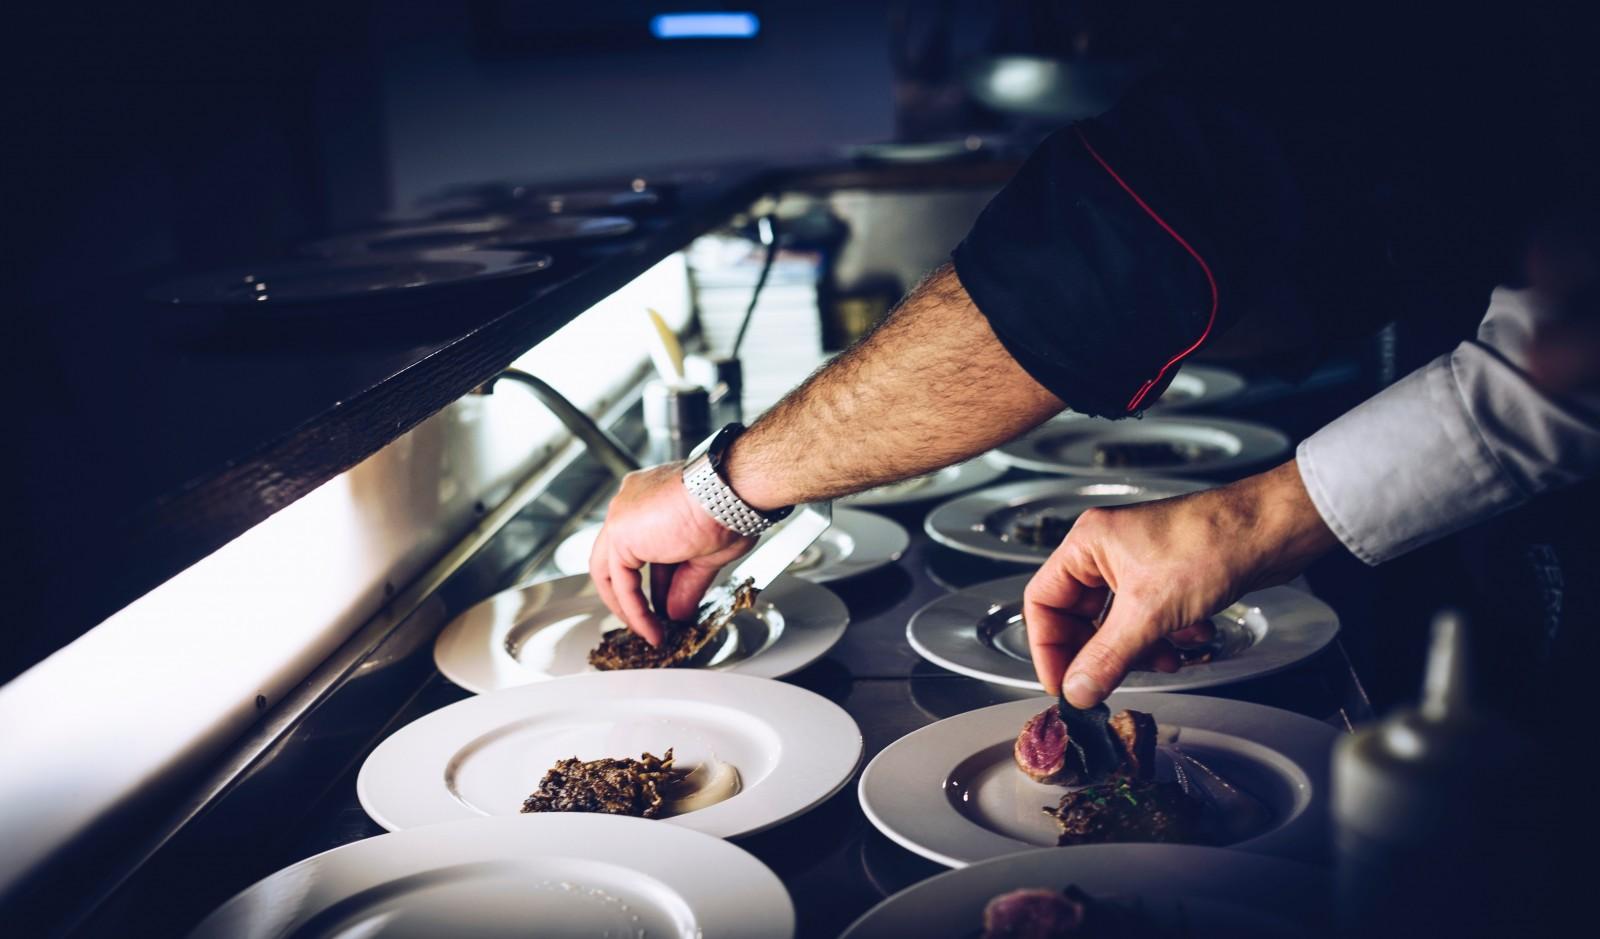 La brasserie recherche un·e apprenti·e en cuisine